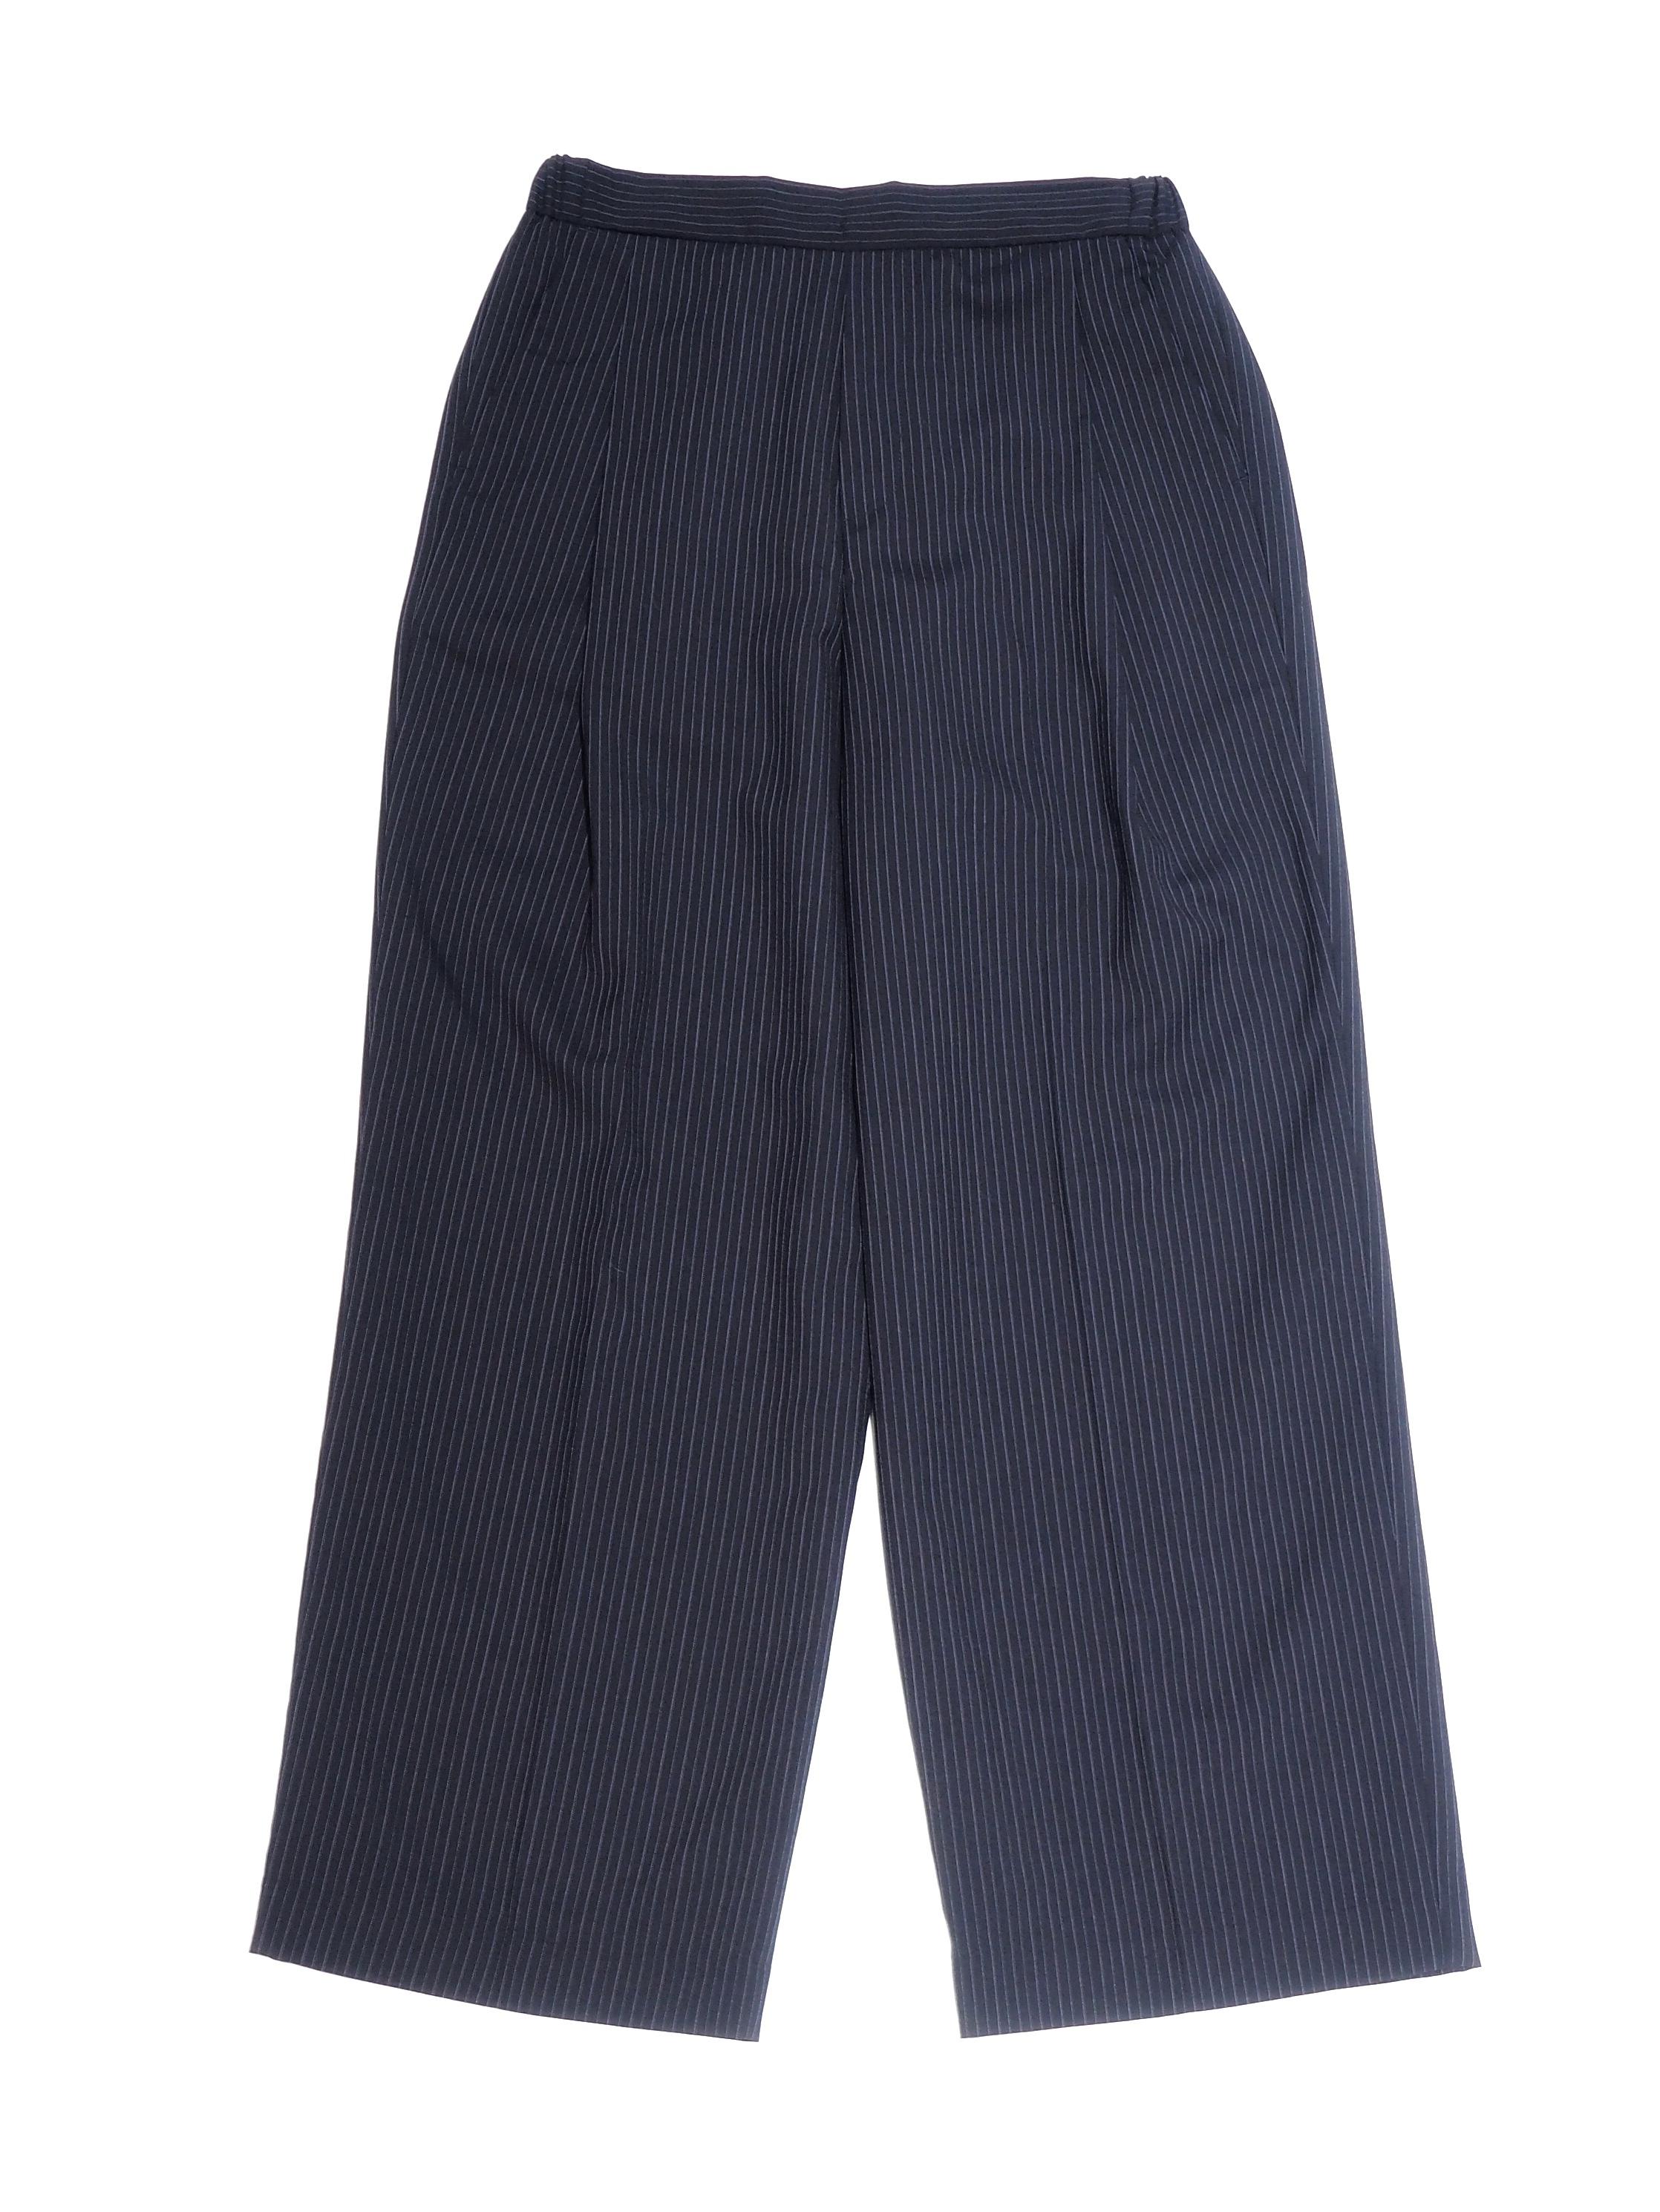 【ENLIGHTENMENT】STRIPE WIDE PANTS